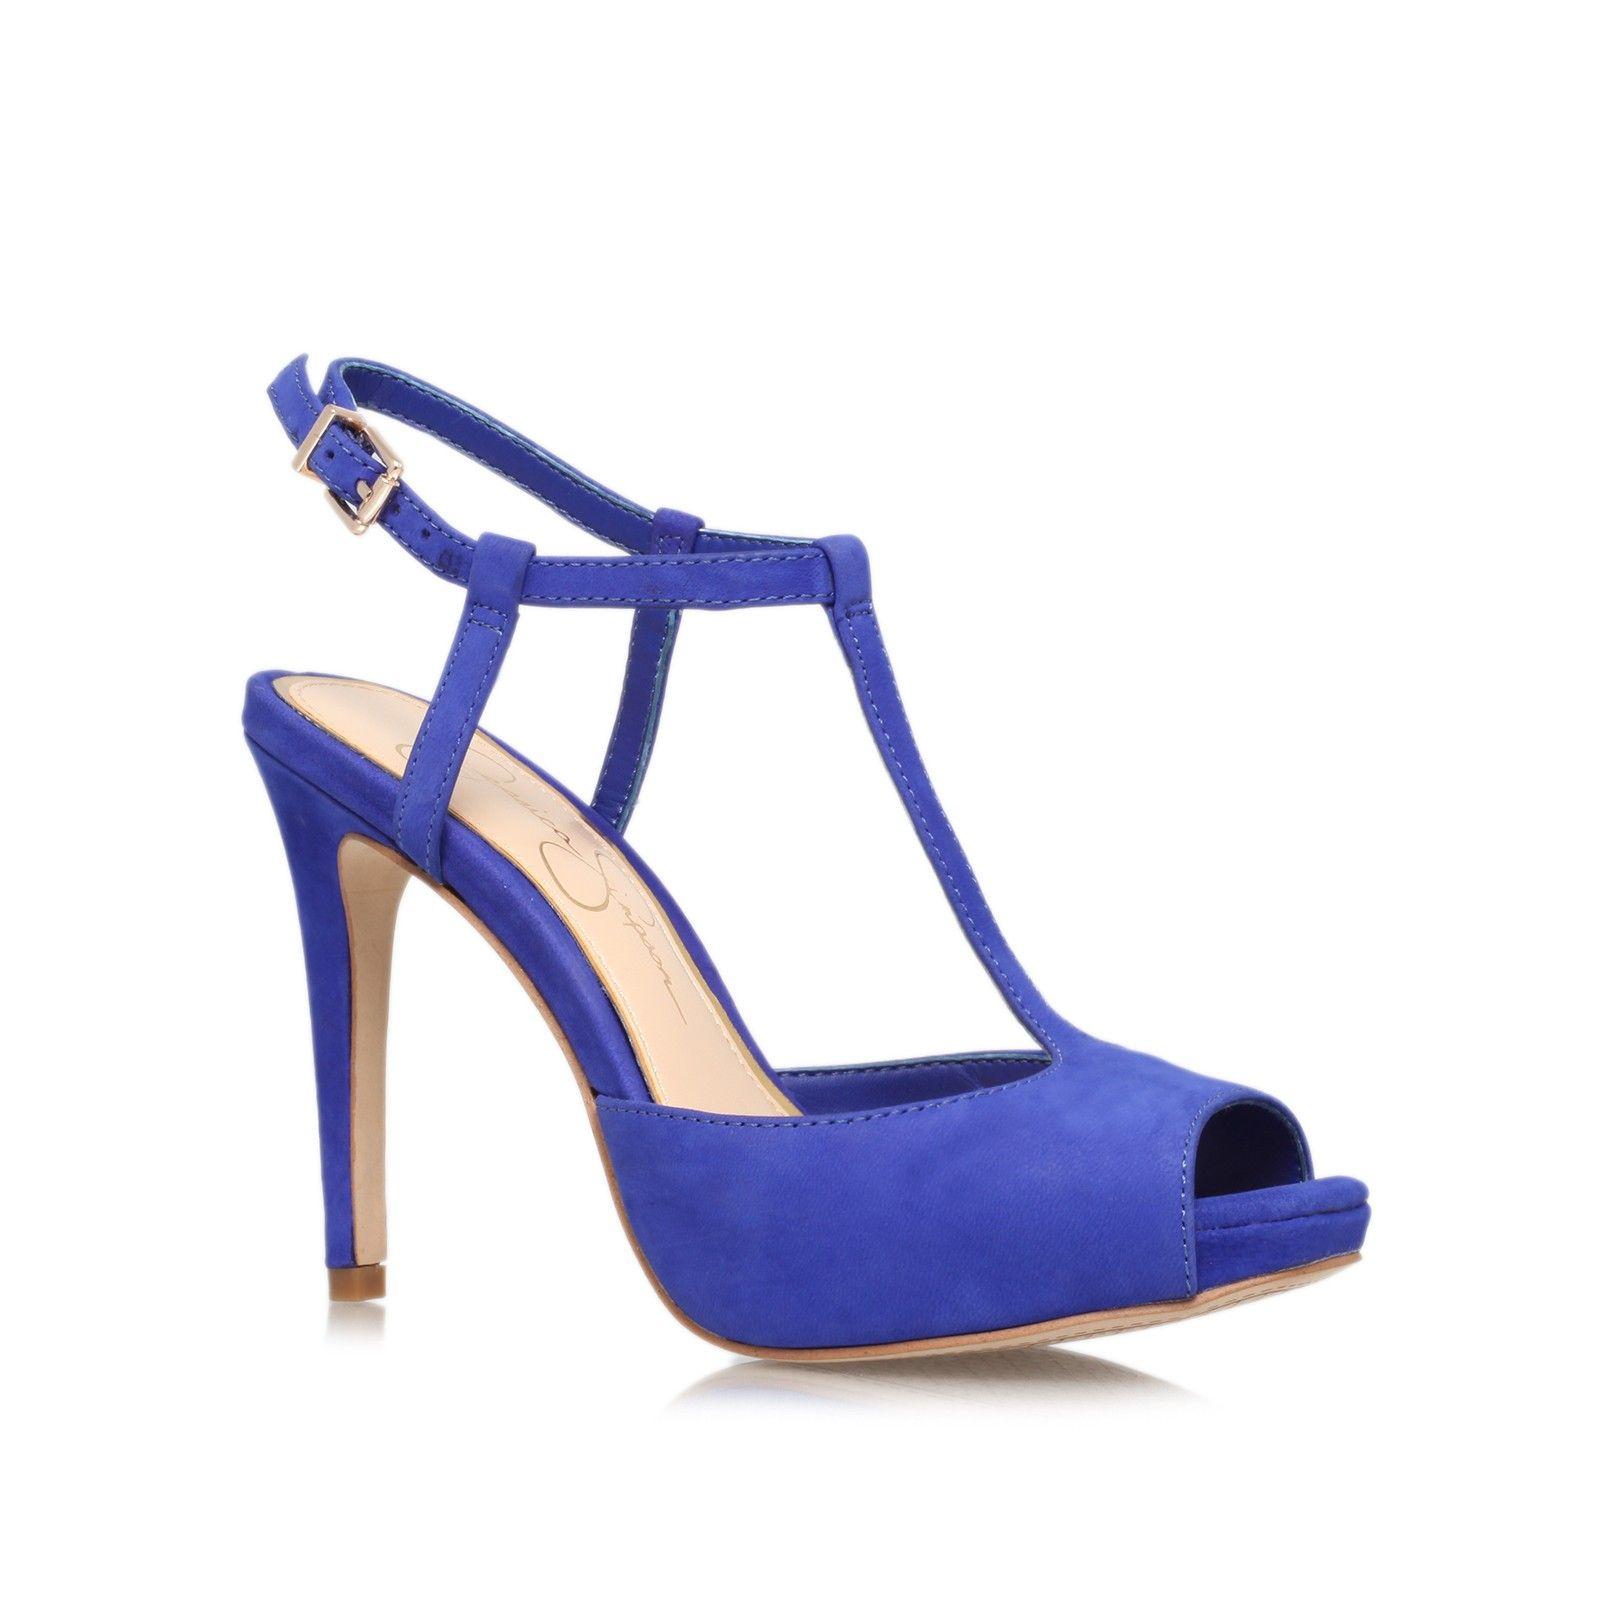 Sasha Jackson Boots: Jacci, Blue Shoe By Jessica Simpson - Women Shoes